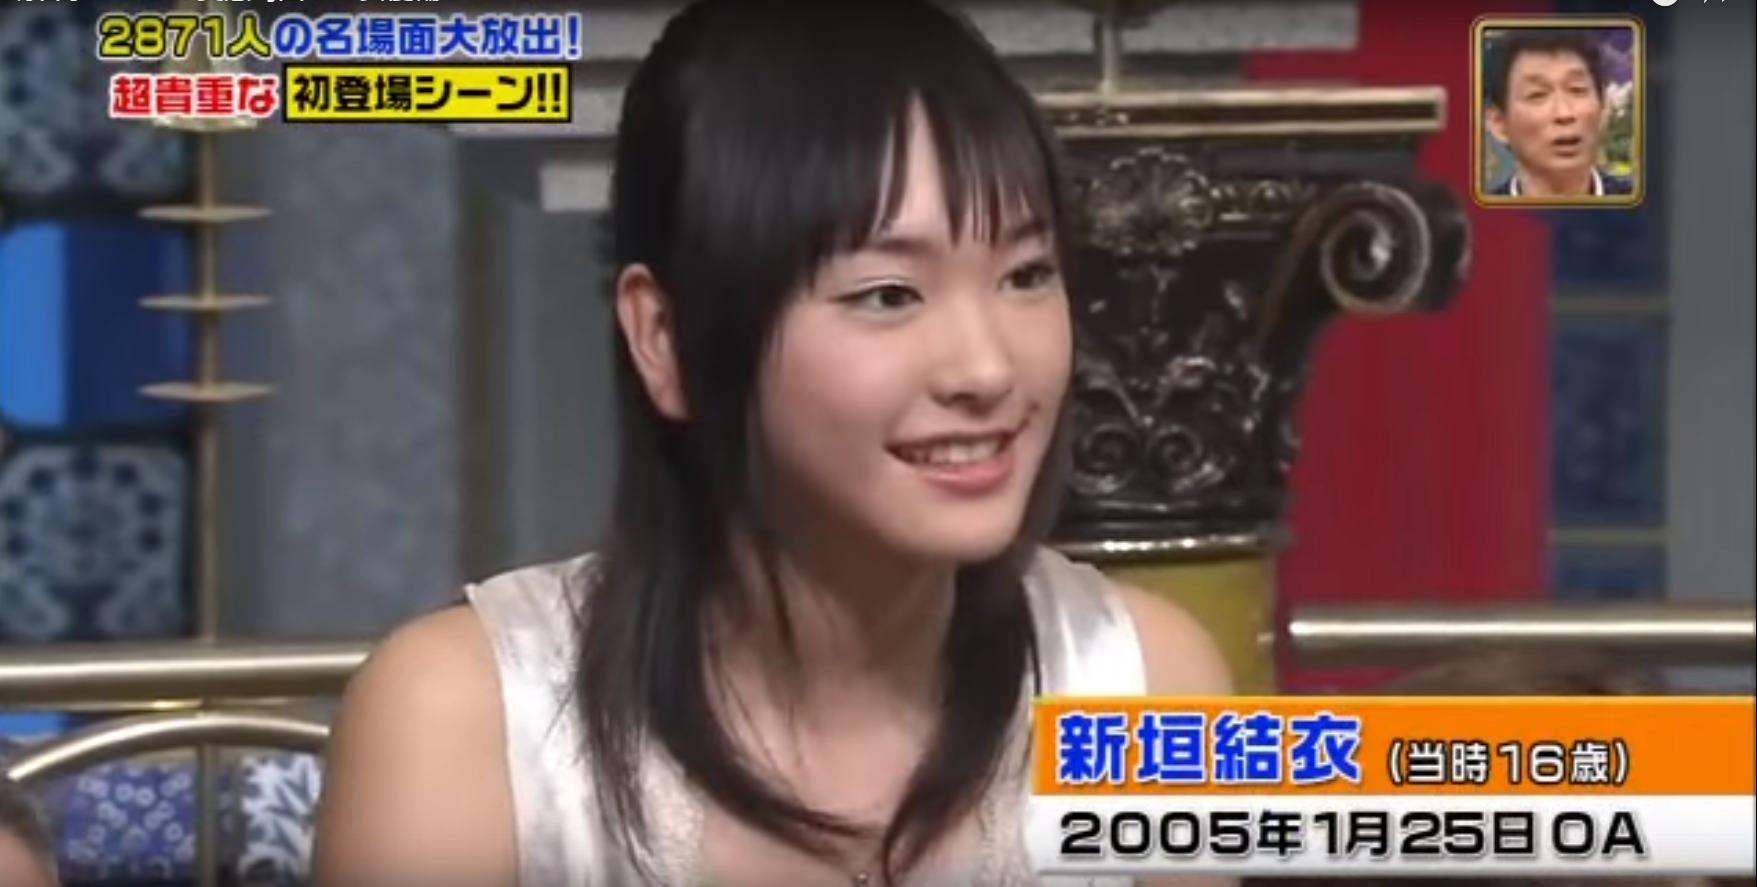 【踊るさんま御殿】16歳の頃の新垣結衣さんの顔がちょっとね・・・